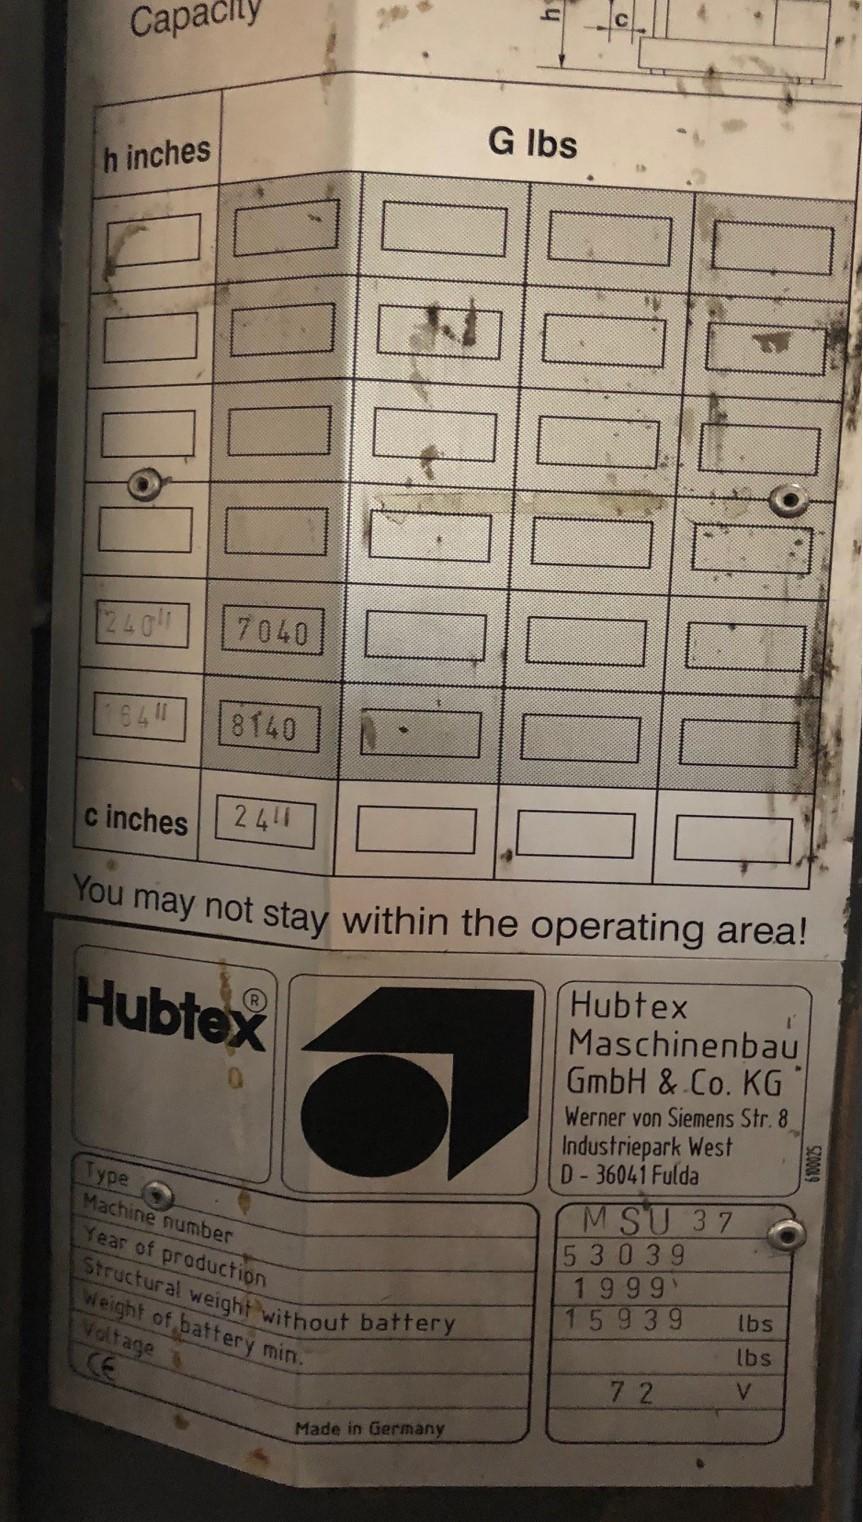 HUBTEX MSU 37 FORKLIFT SIDE LOADER: STOCK #11522